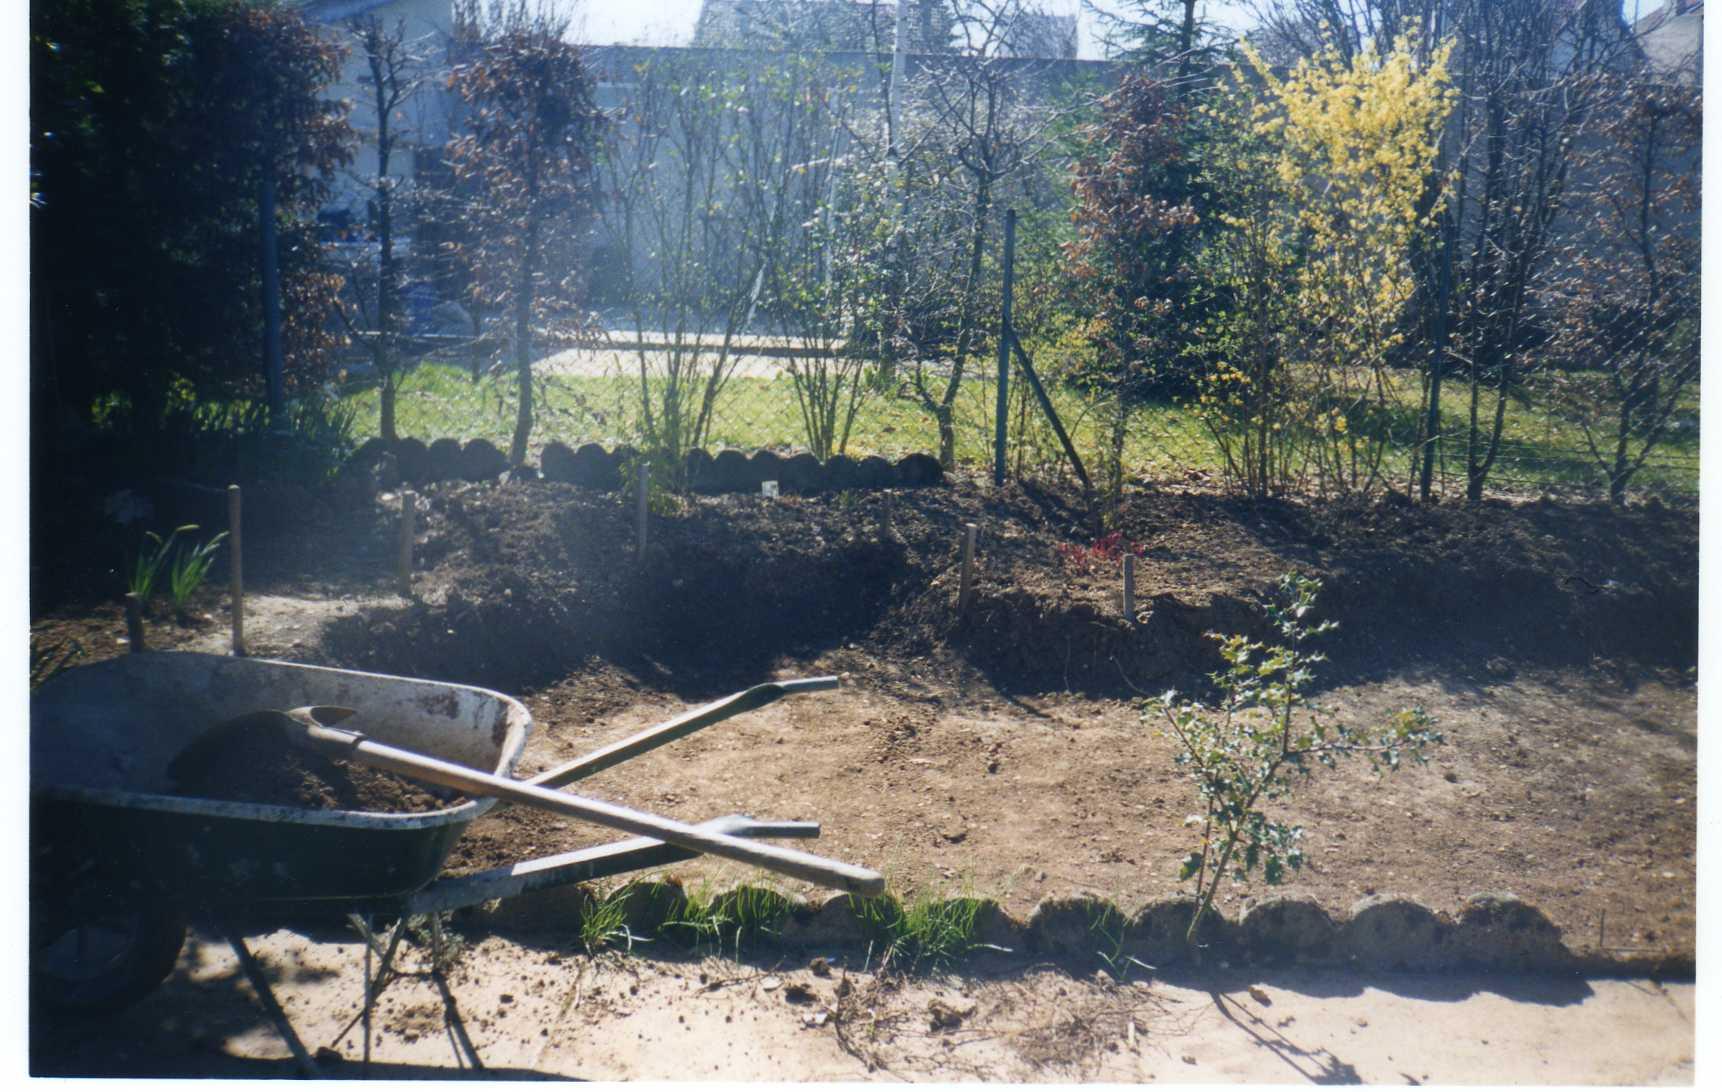 bassin2.jpg